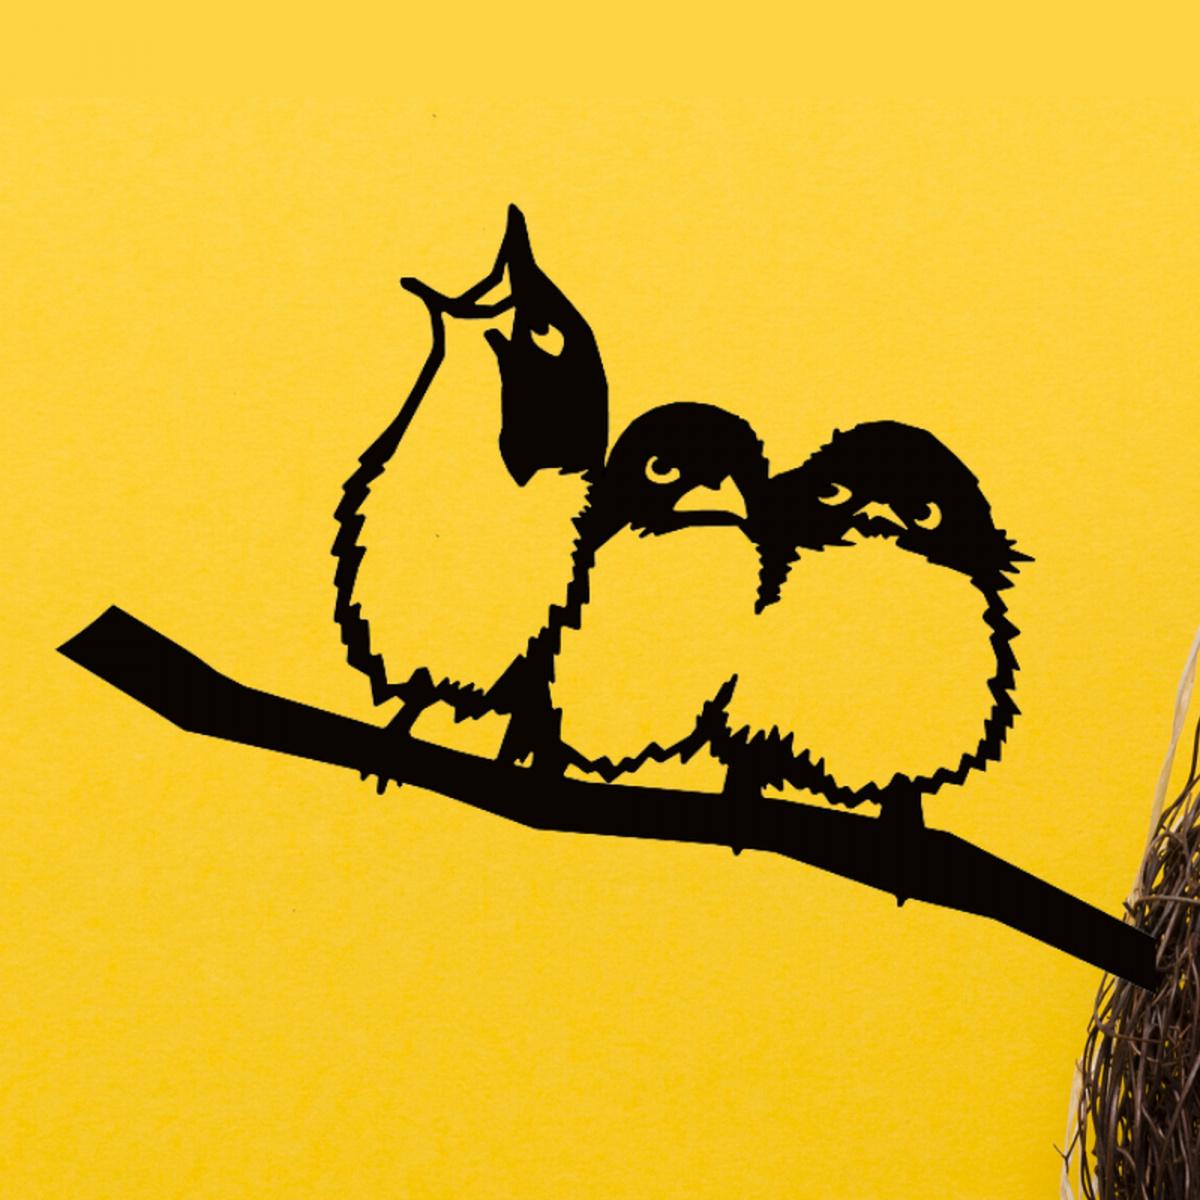 Metalbird fugl i cortenstål - tre små fugle